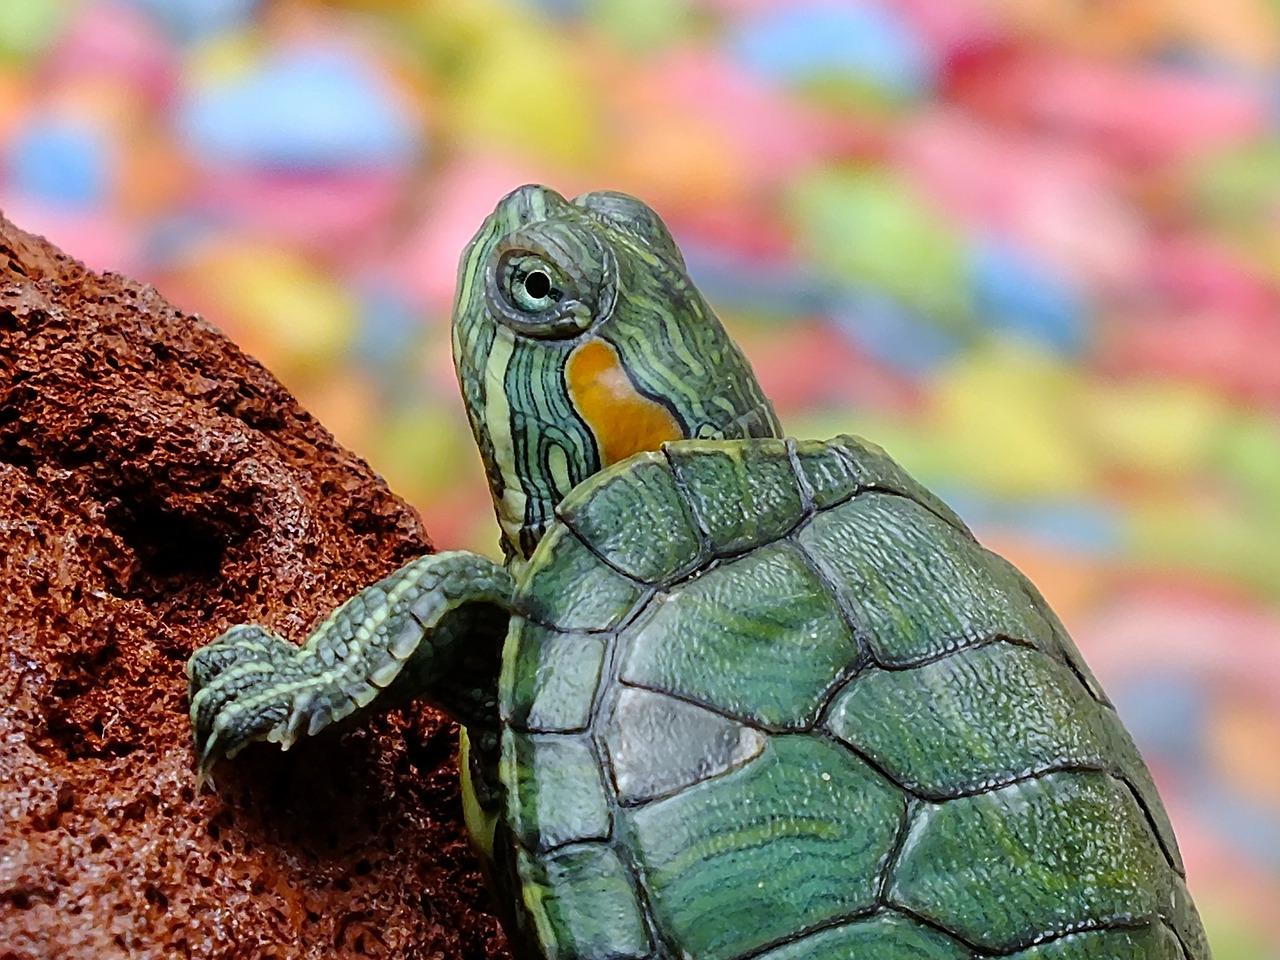 水槽で飼える動物、ペット、爬虫類ってあるの?60cm、90cm、120cm水槽それぞれで紹介します。